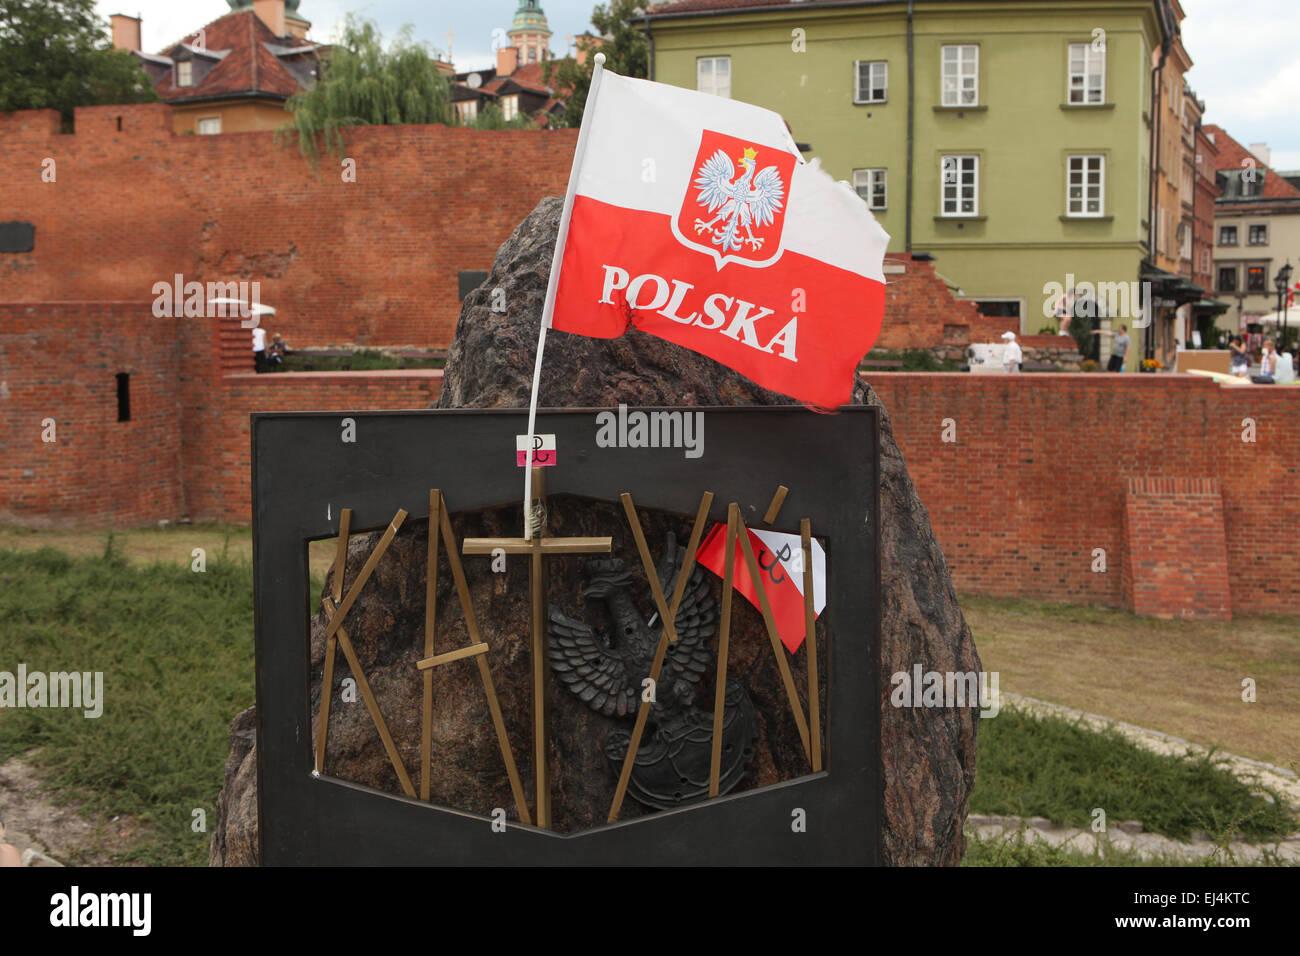 Katyn monumento dedicado a las víctimas de la masacre de Katyn (1940) en Varsovia, Polonia. Foto de stock